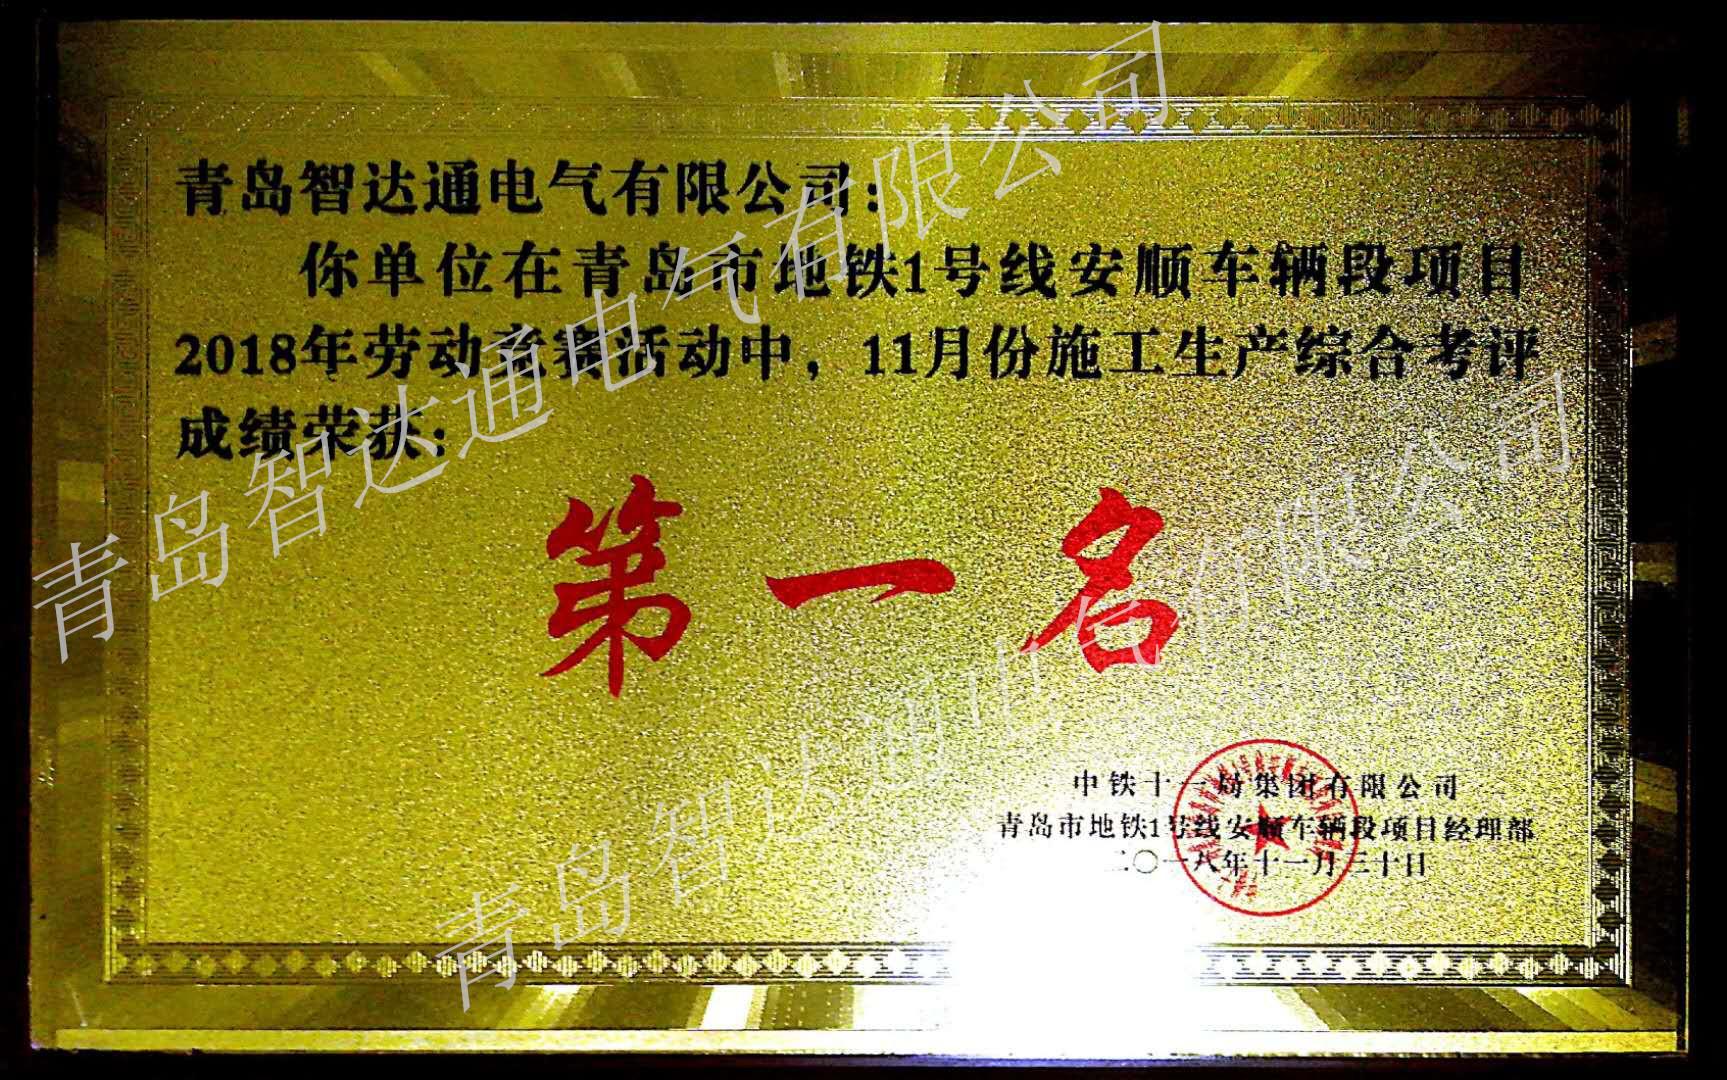 青岛市地铁1号线安顺车辆段11月份劳动竞赛第一名